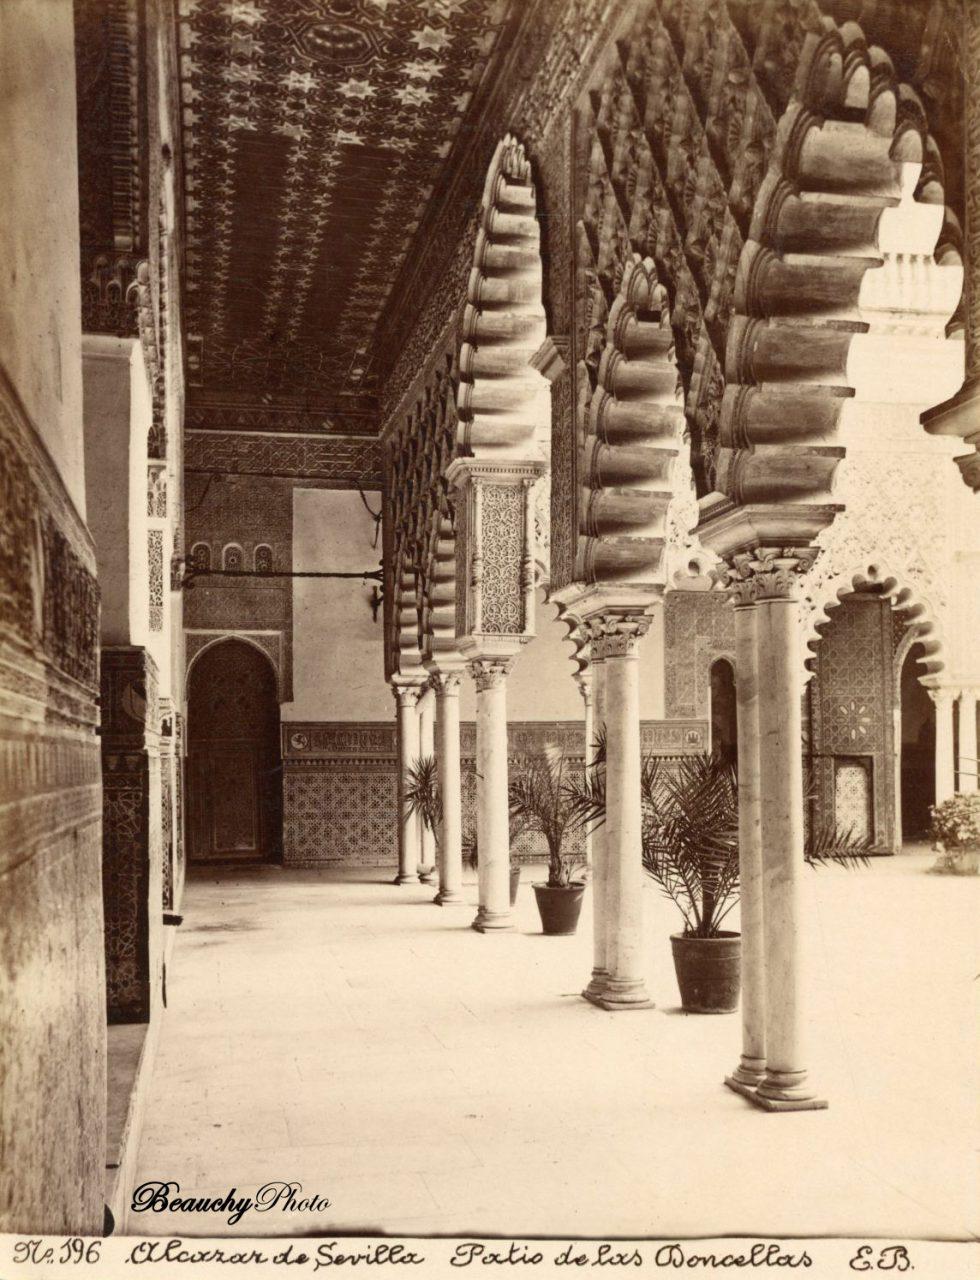 Beauchyphoto_Alcázar_de_Sevilla_Patio_de_las_Doncellas_4_c1885_Emilio_Beauchy_Cano_fotografias_antiguas_postales_vistas_y_monumentos